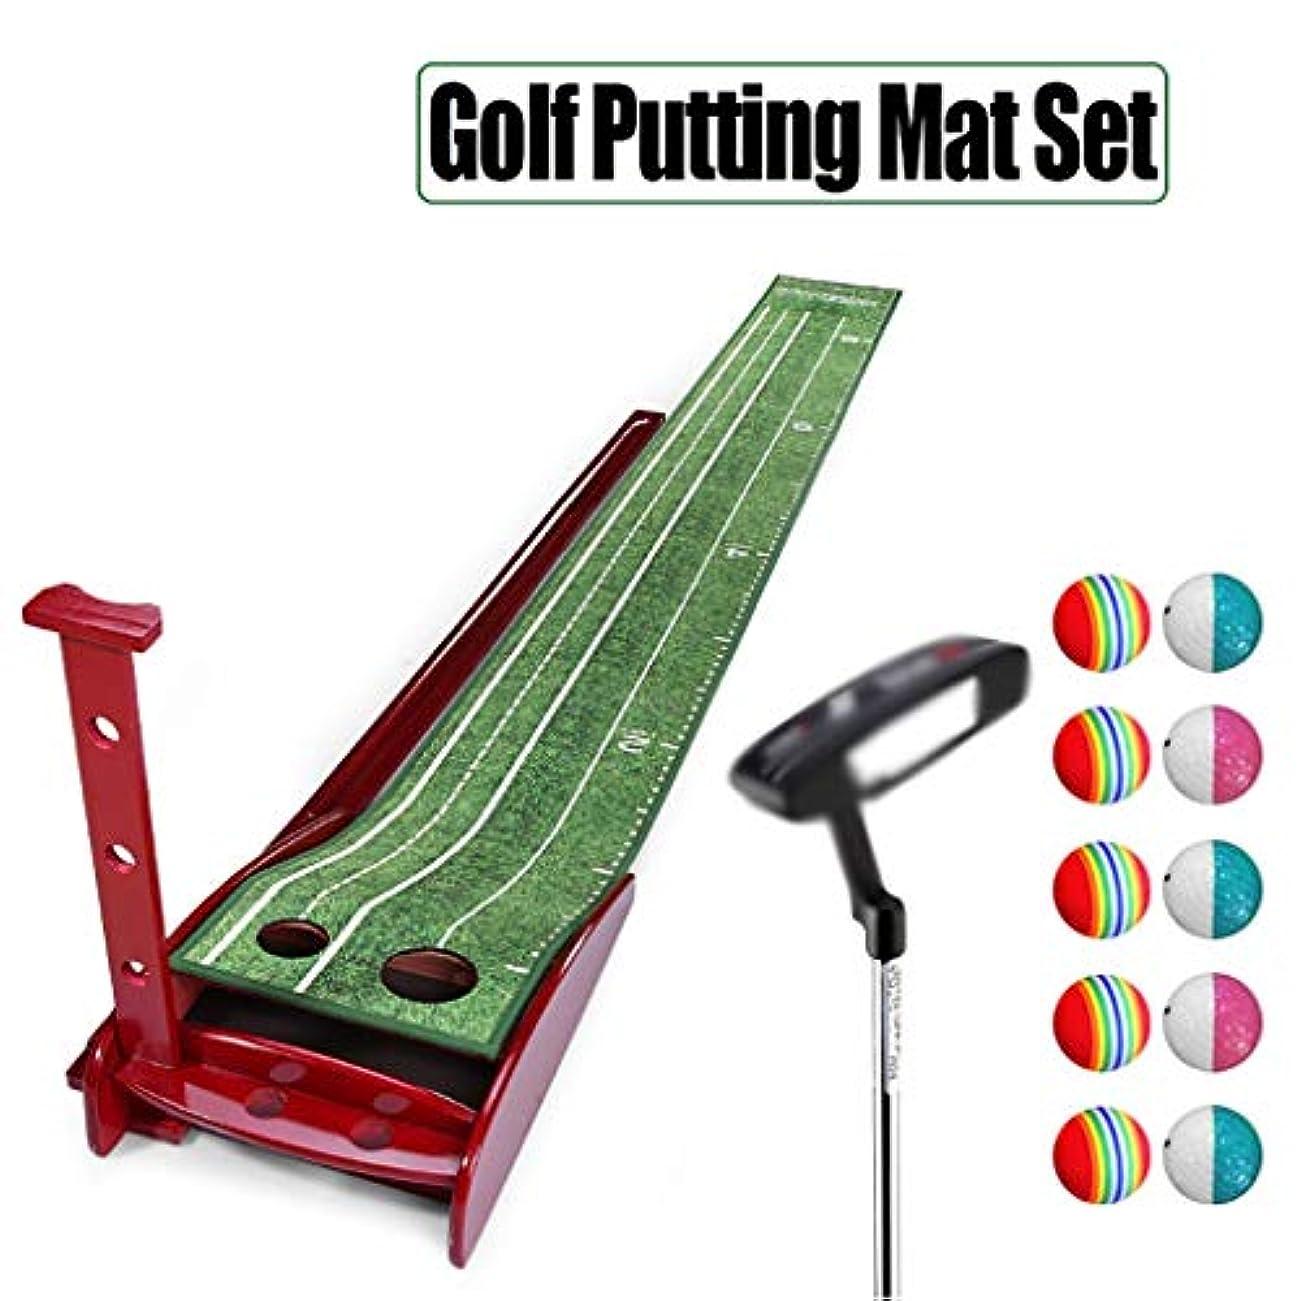 立方体サージ軍団ゴルフ パターマット Golf Putting Mat ホーム/オフィスゴルフパッティング練習用マット、ゴルフパッティングマットセット、韓国のベルベットマット - ゴルフボールリターンシステムと無垢材製のベースが含まれており、パッティングスキルの向上を支援します(300 * 30 CM)